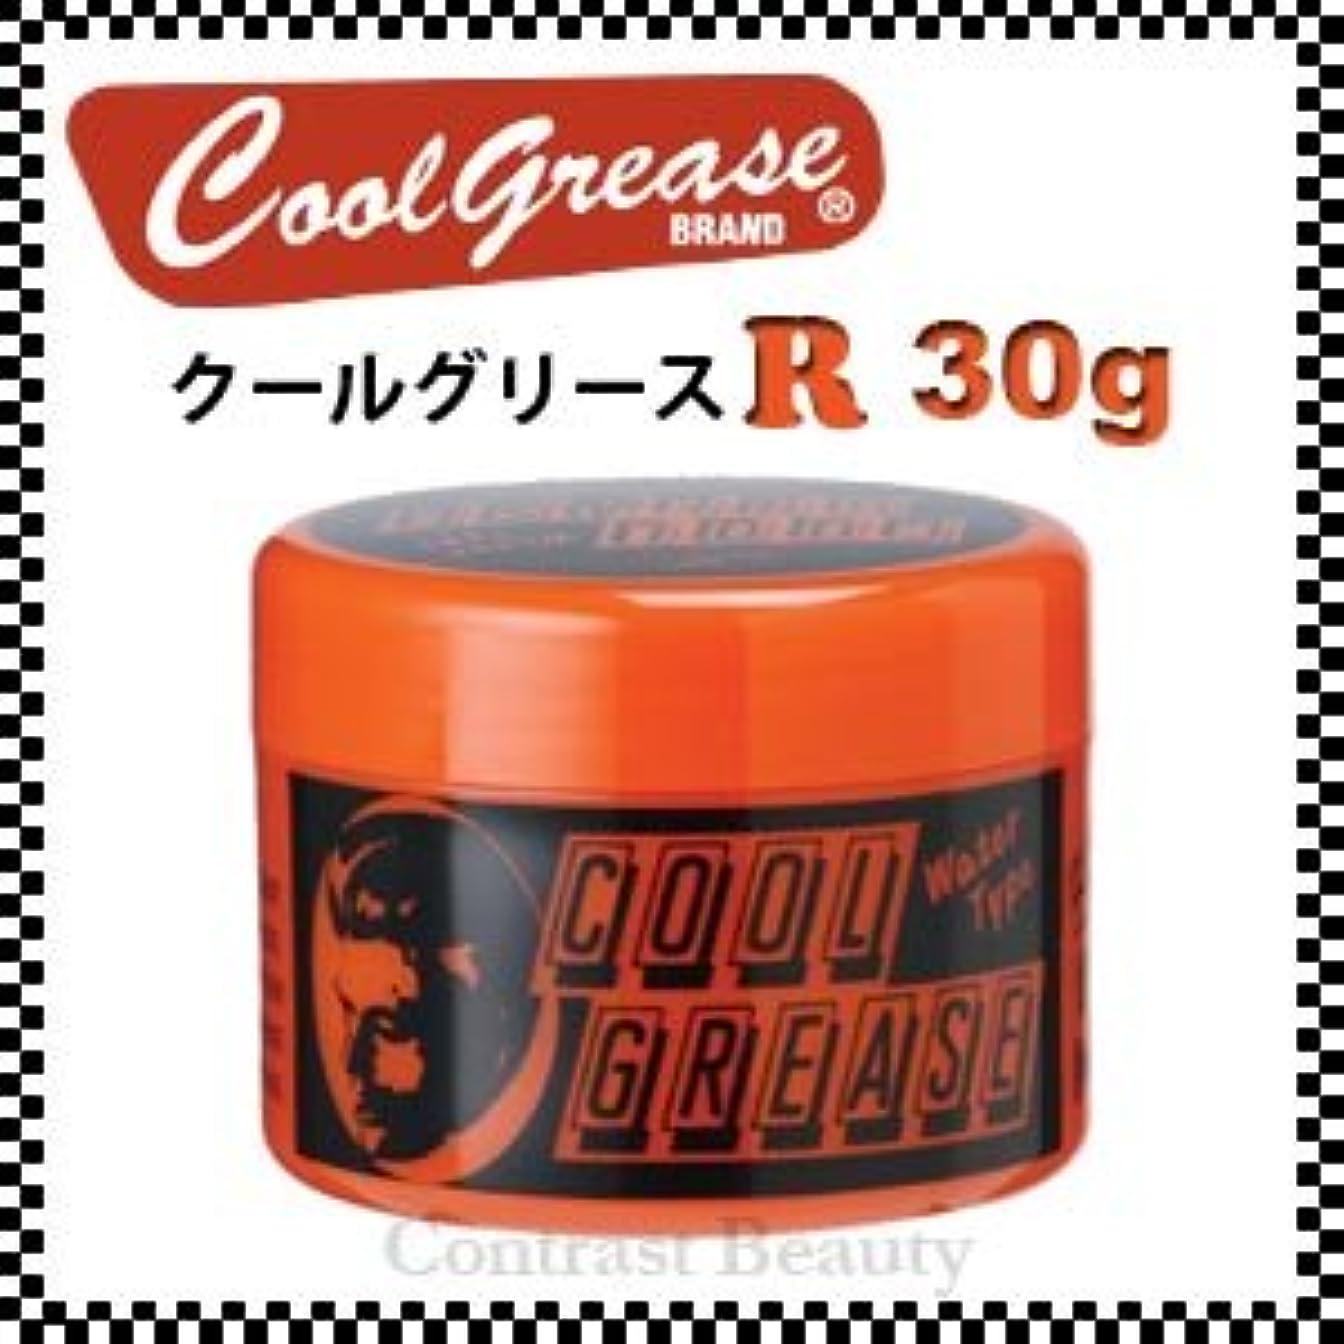 義務巡礼者服【X3個セット】 阪本高生堂 クールグリース R 30g